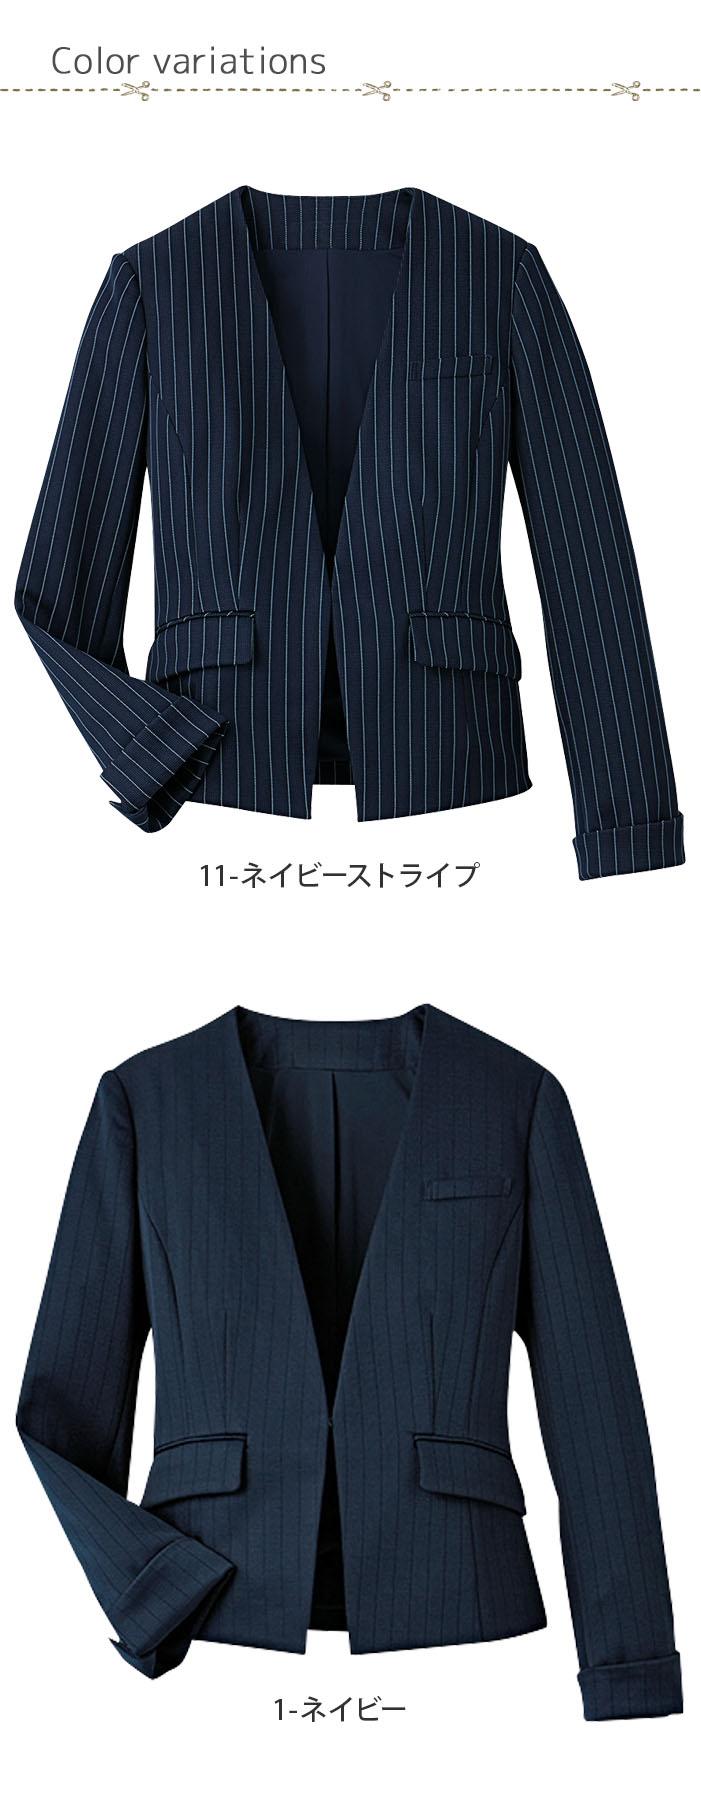 【ホテル・受付制服ユニフォーム】温湿度コントロール素材を使用した快適な着用感! ジャケット